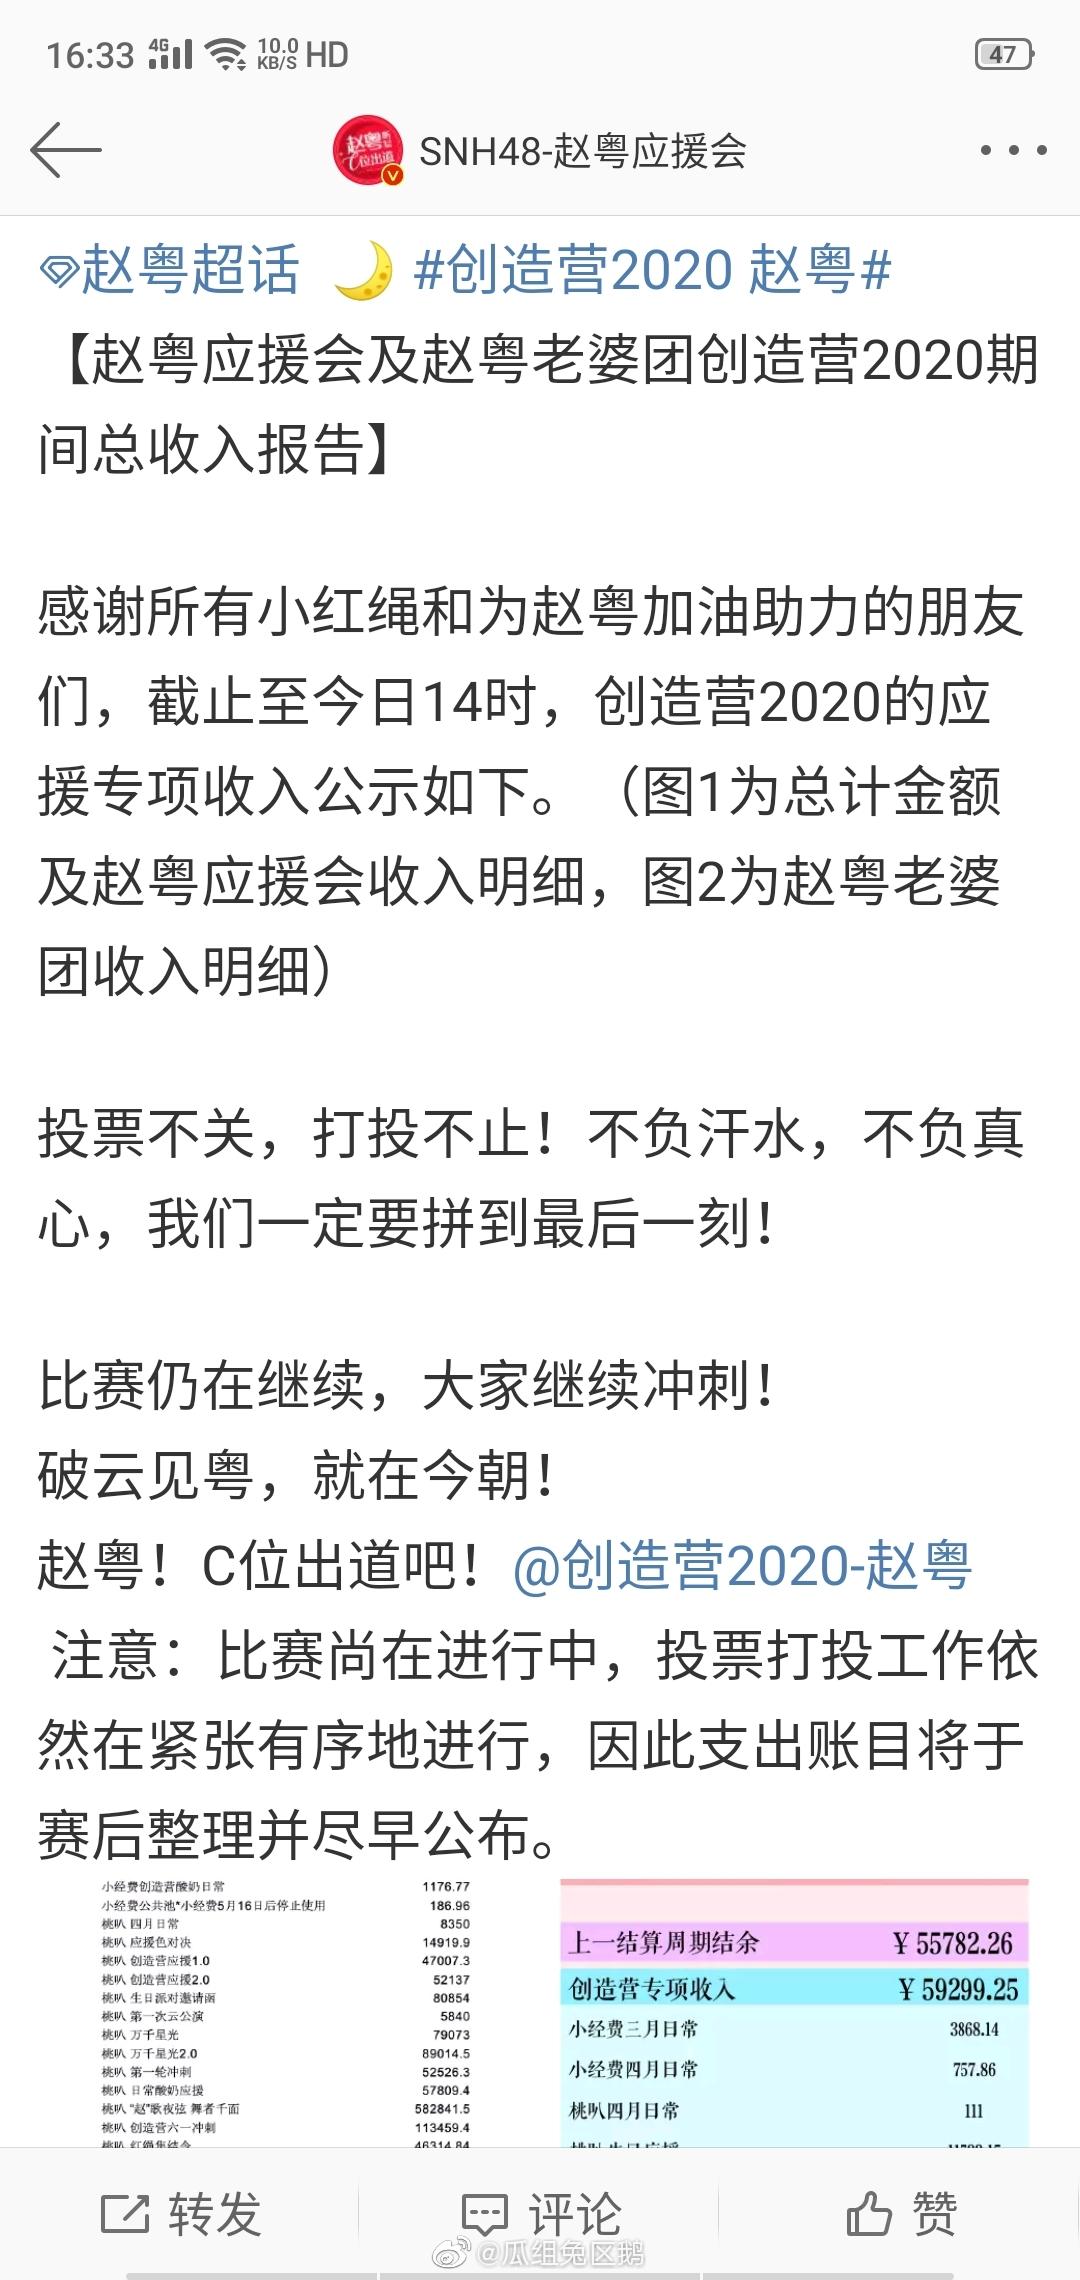 赵粤应援会晒出创造营比赛期间总收入报告,总共964万+